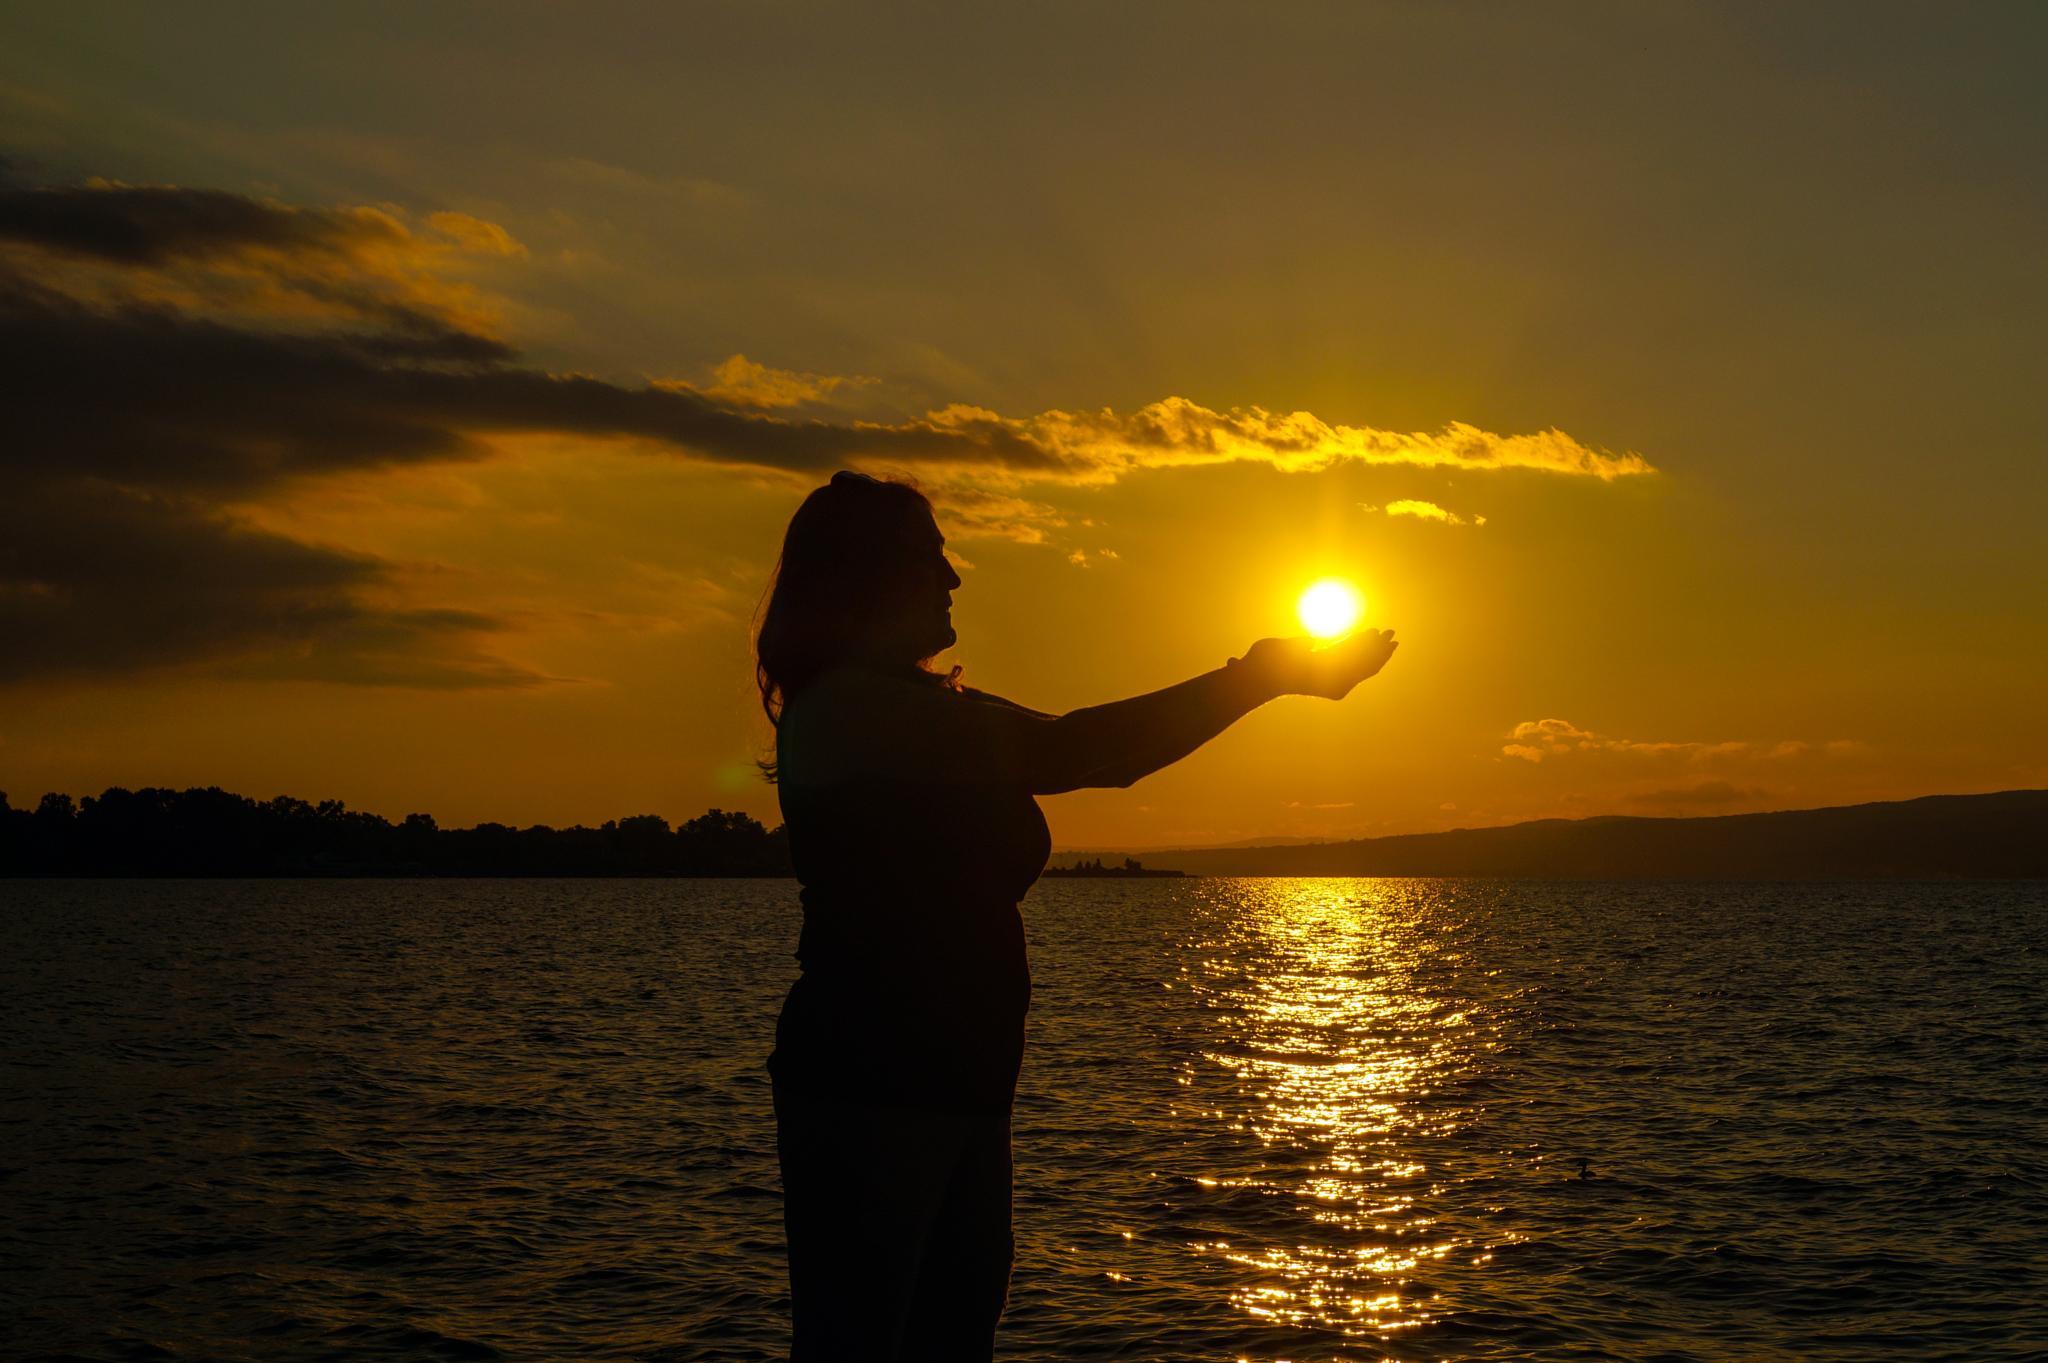 Sunset at sapanca Lake by kavas